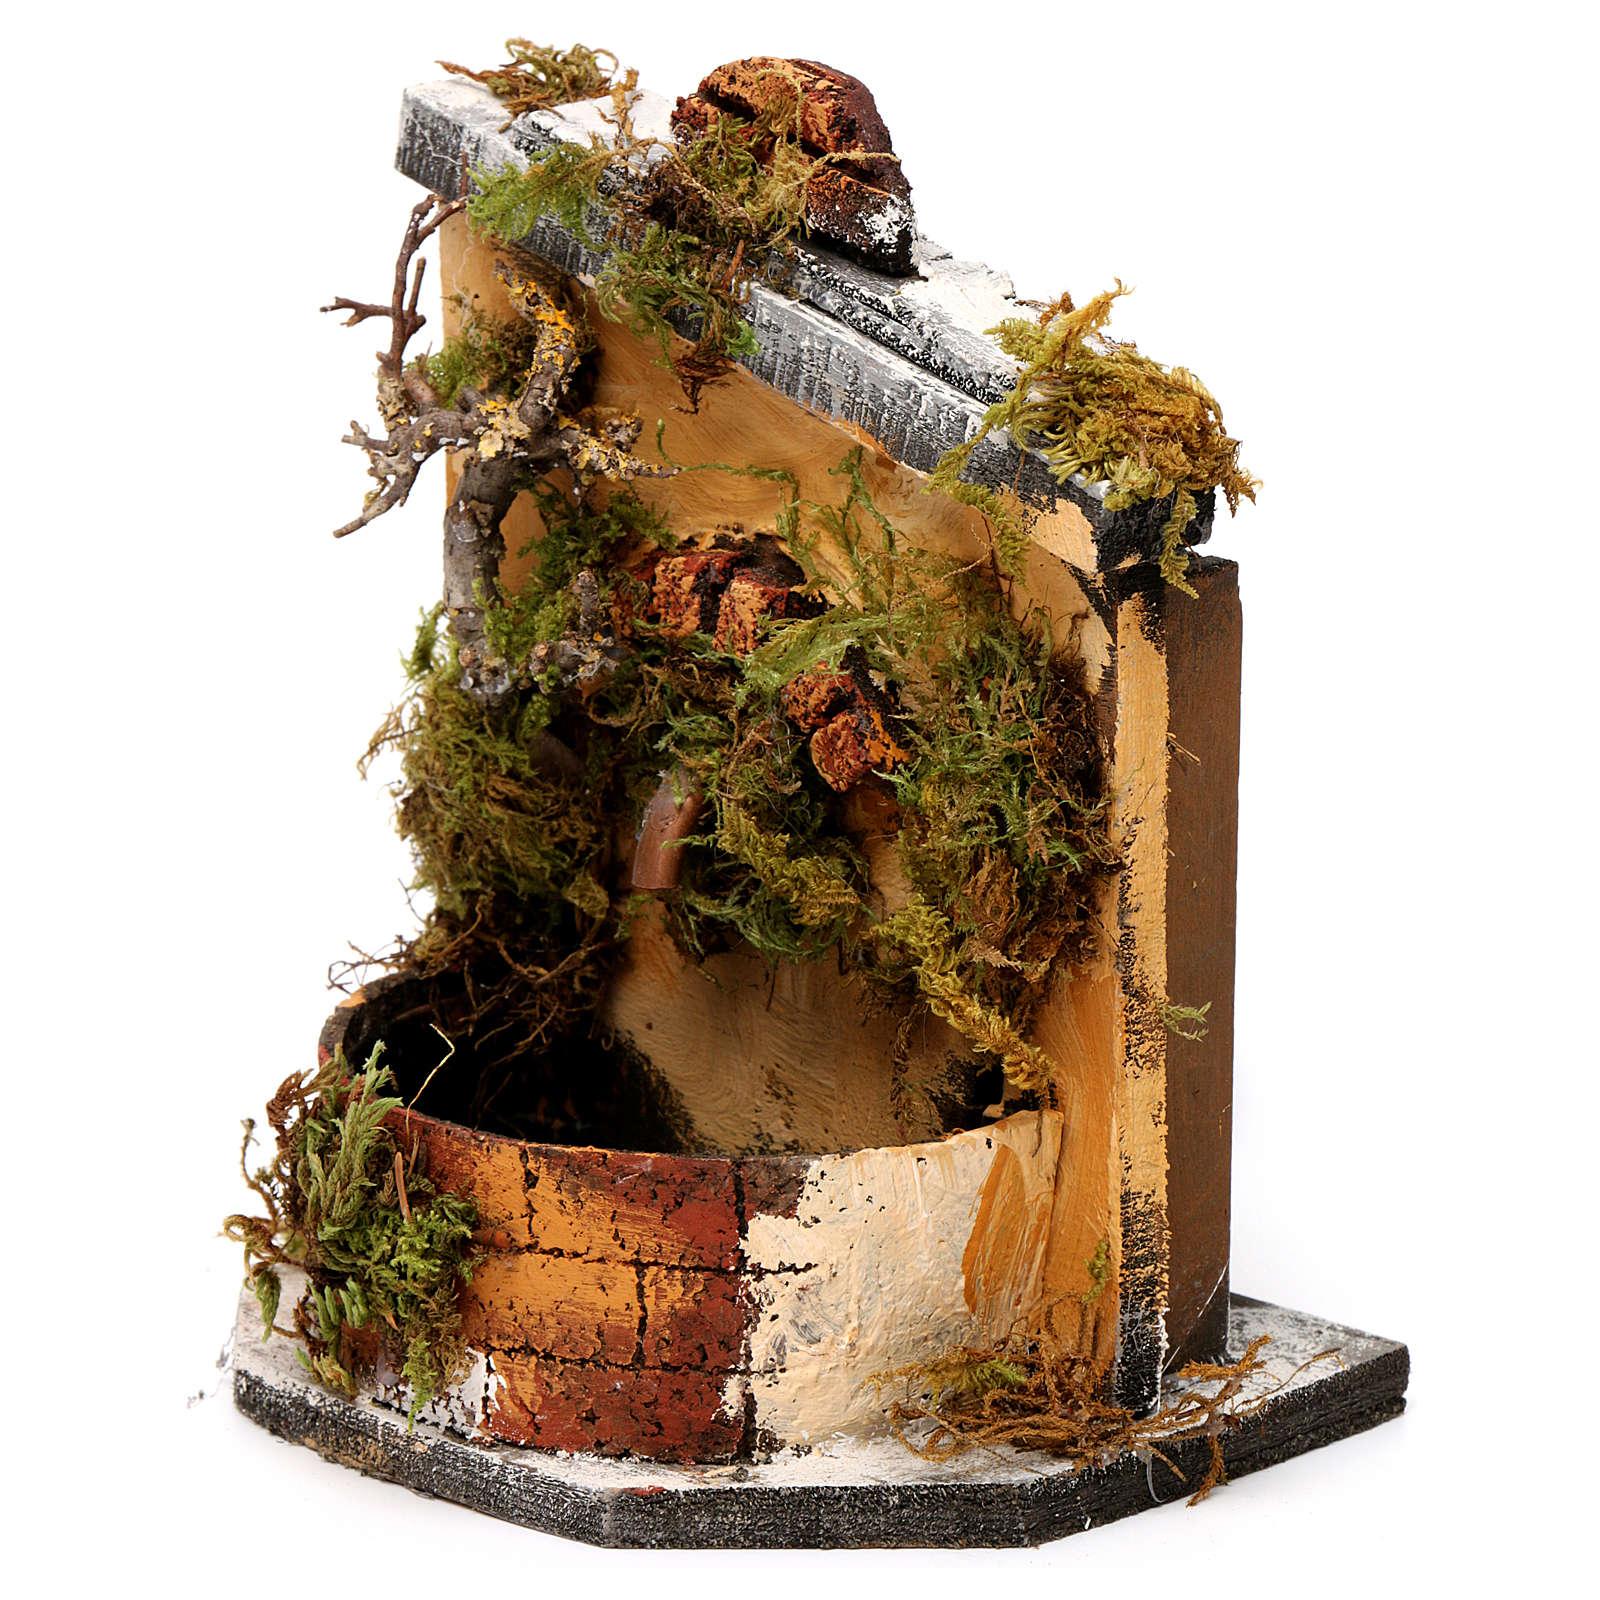 Fuente madera y corcho belén Nápoles 16x14.5x14 4